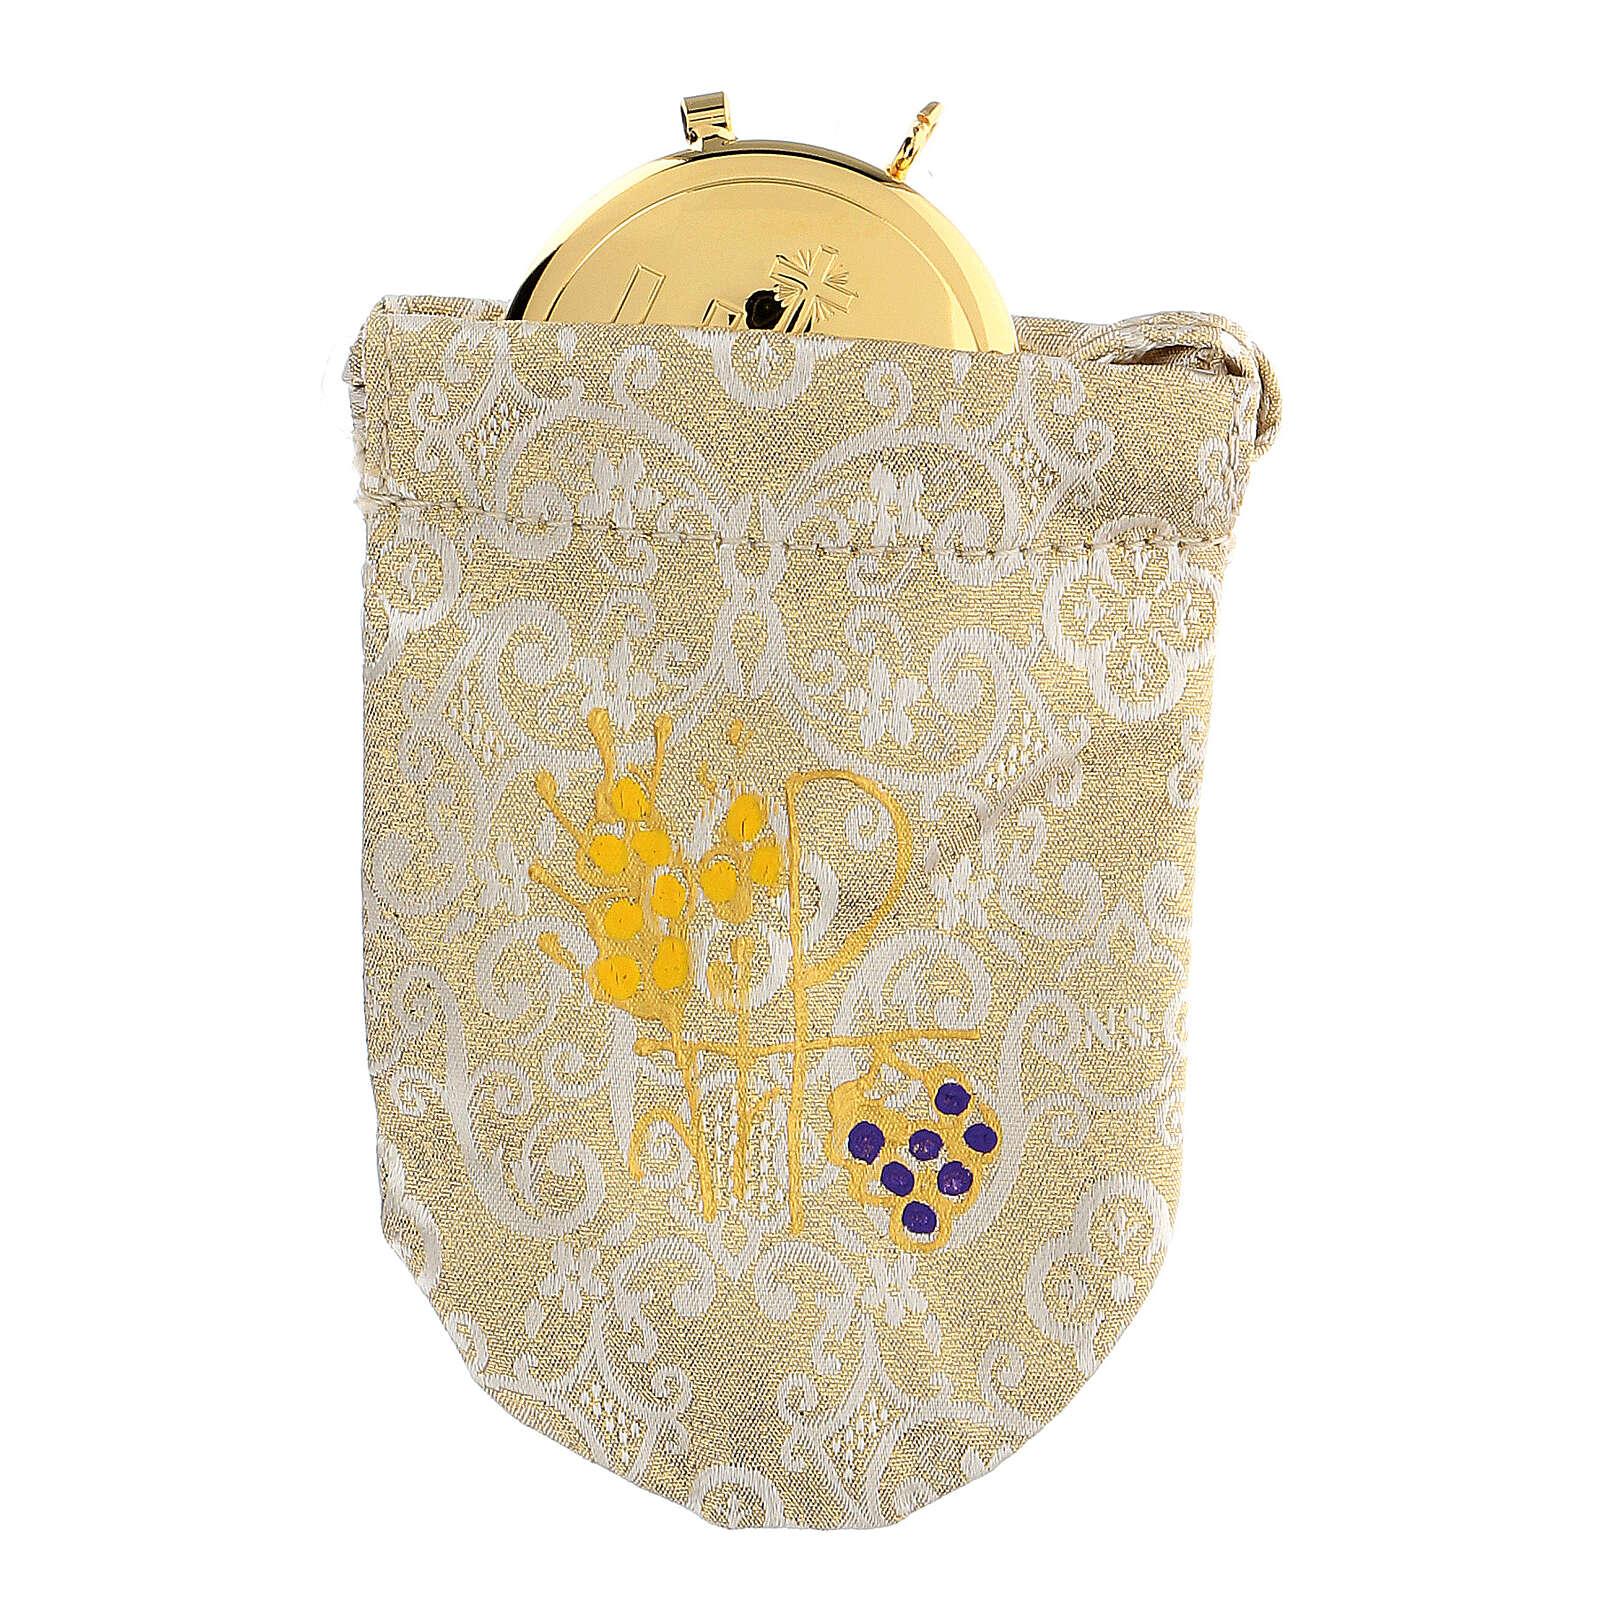 Bolsa para viático de jacquard damascado relicario 8 cm 3